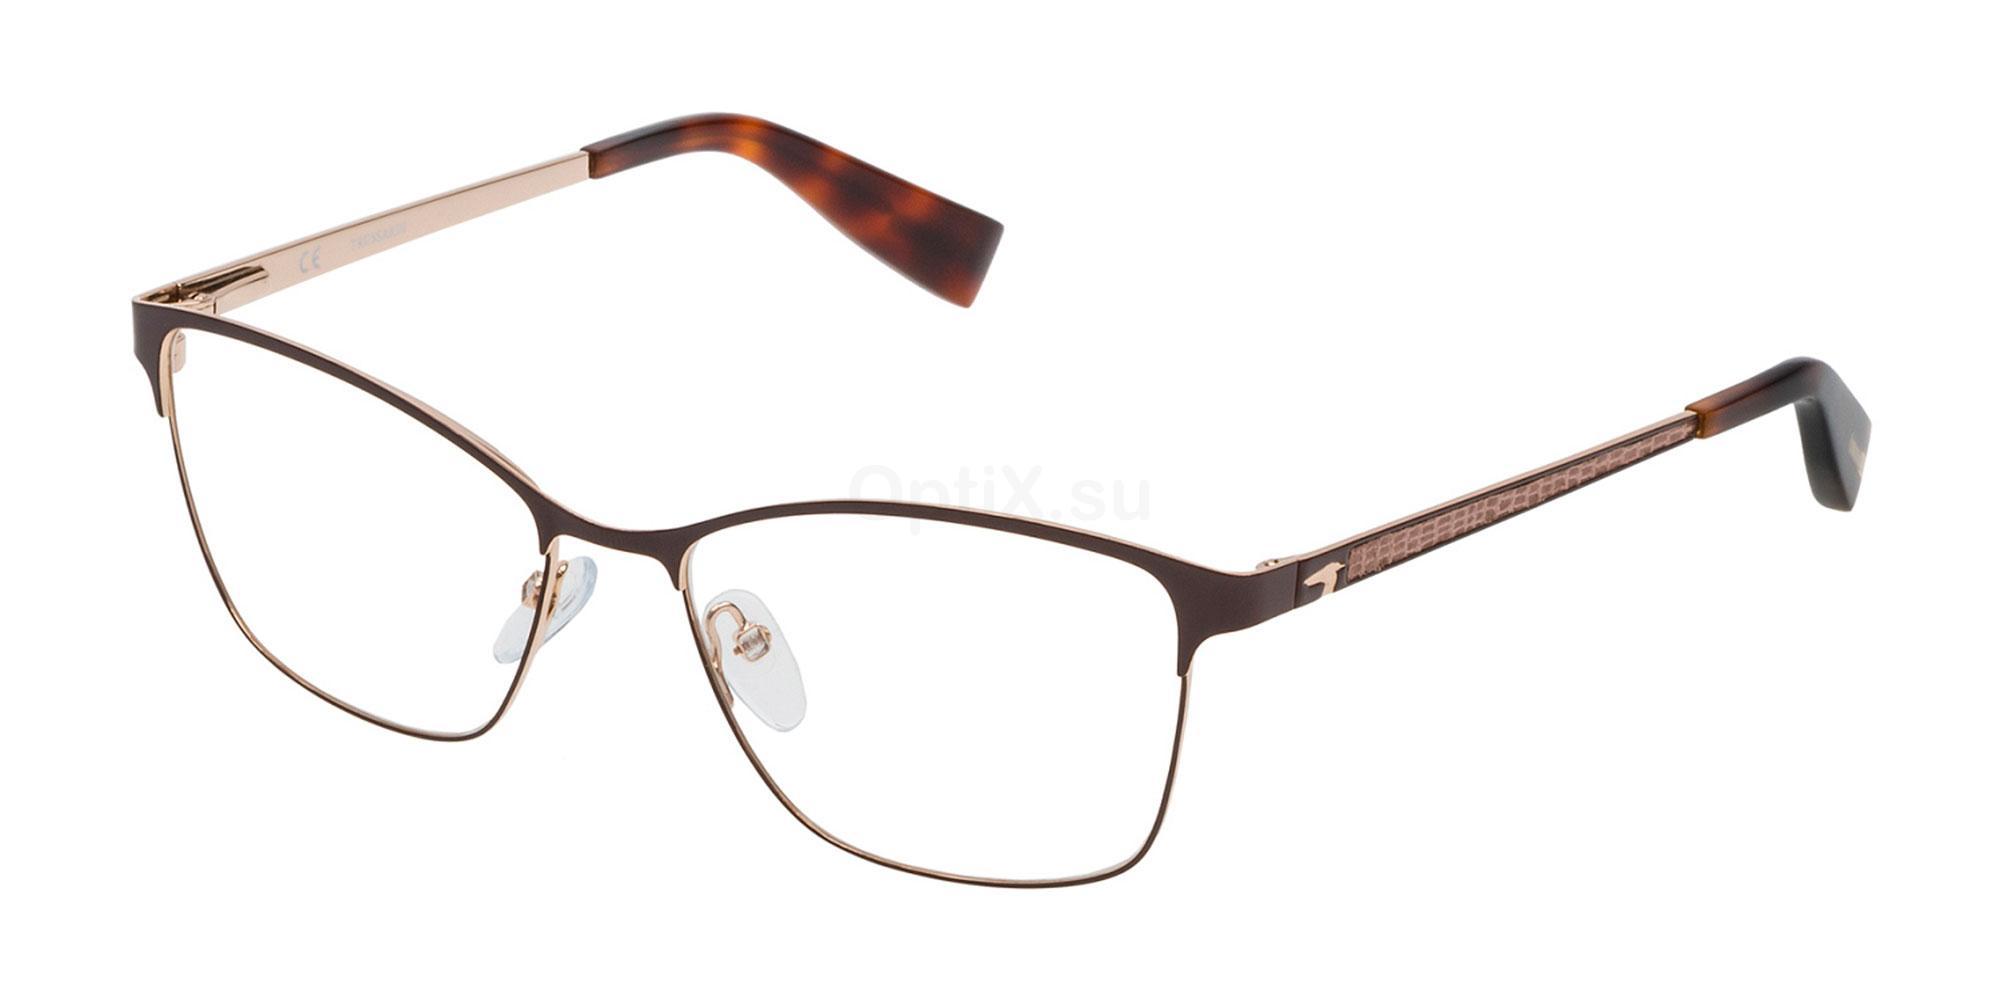 0367 VTR146N Glasses, Trussardi